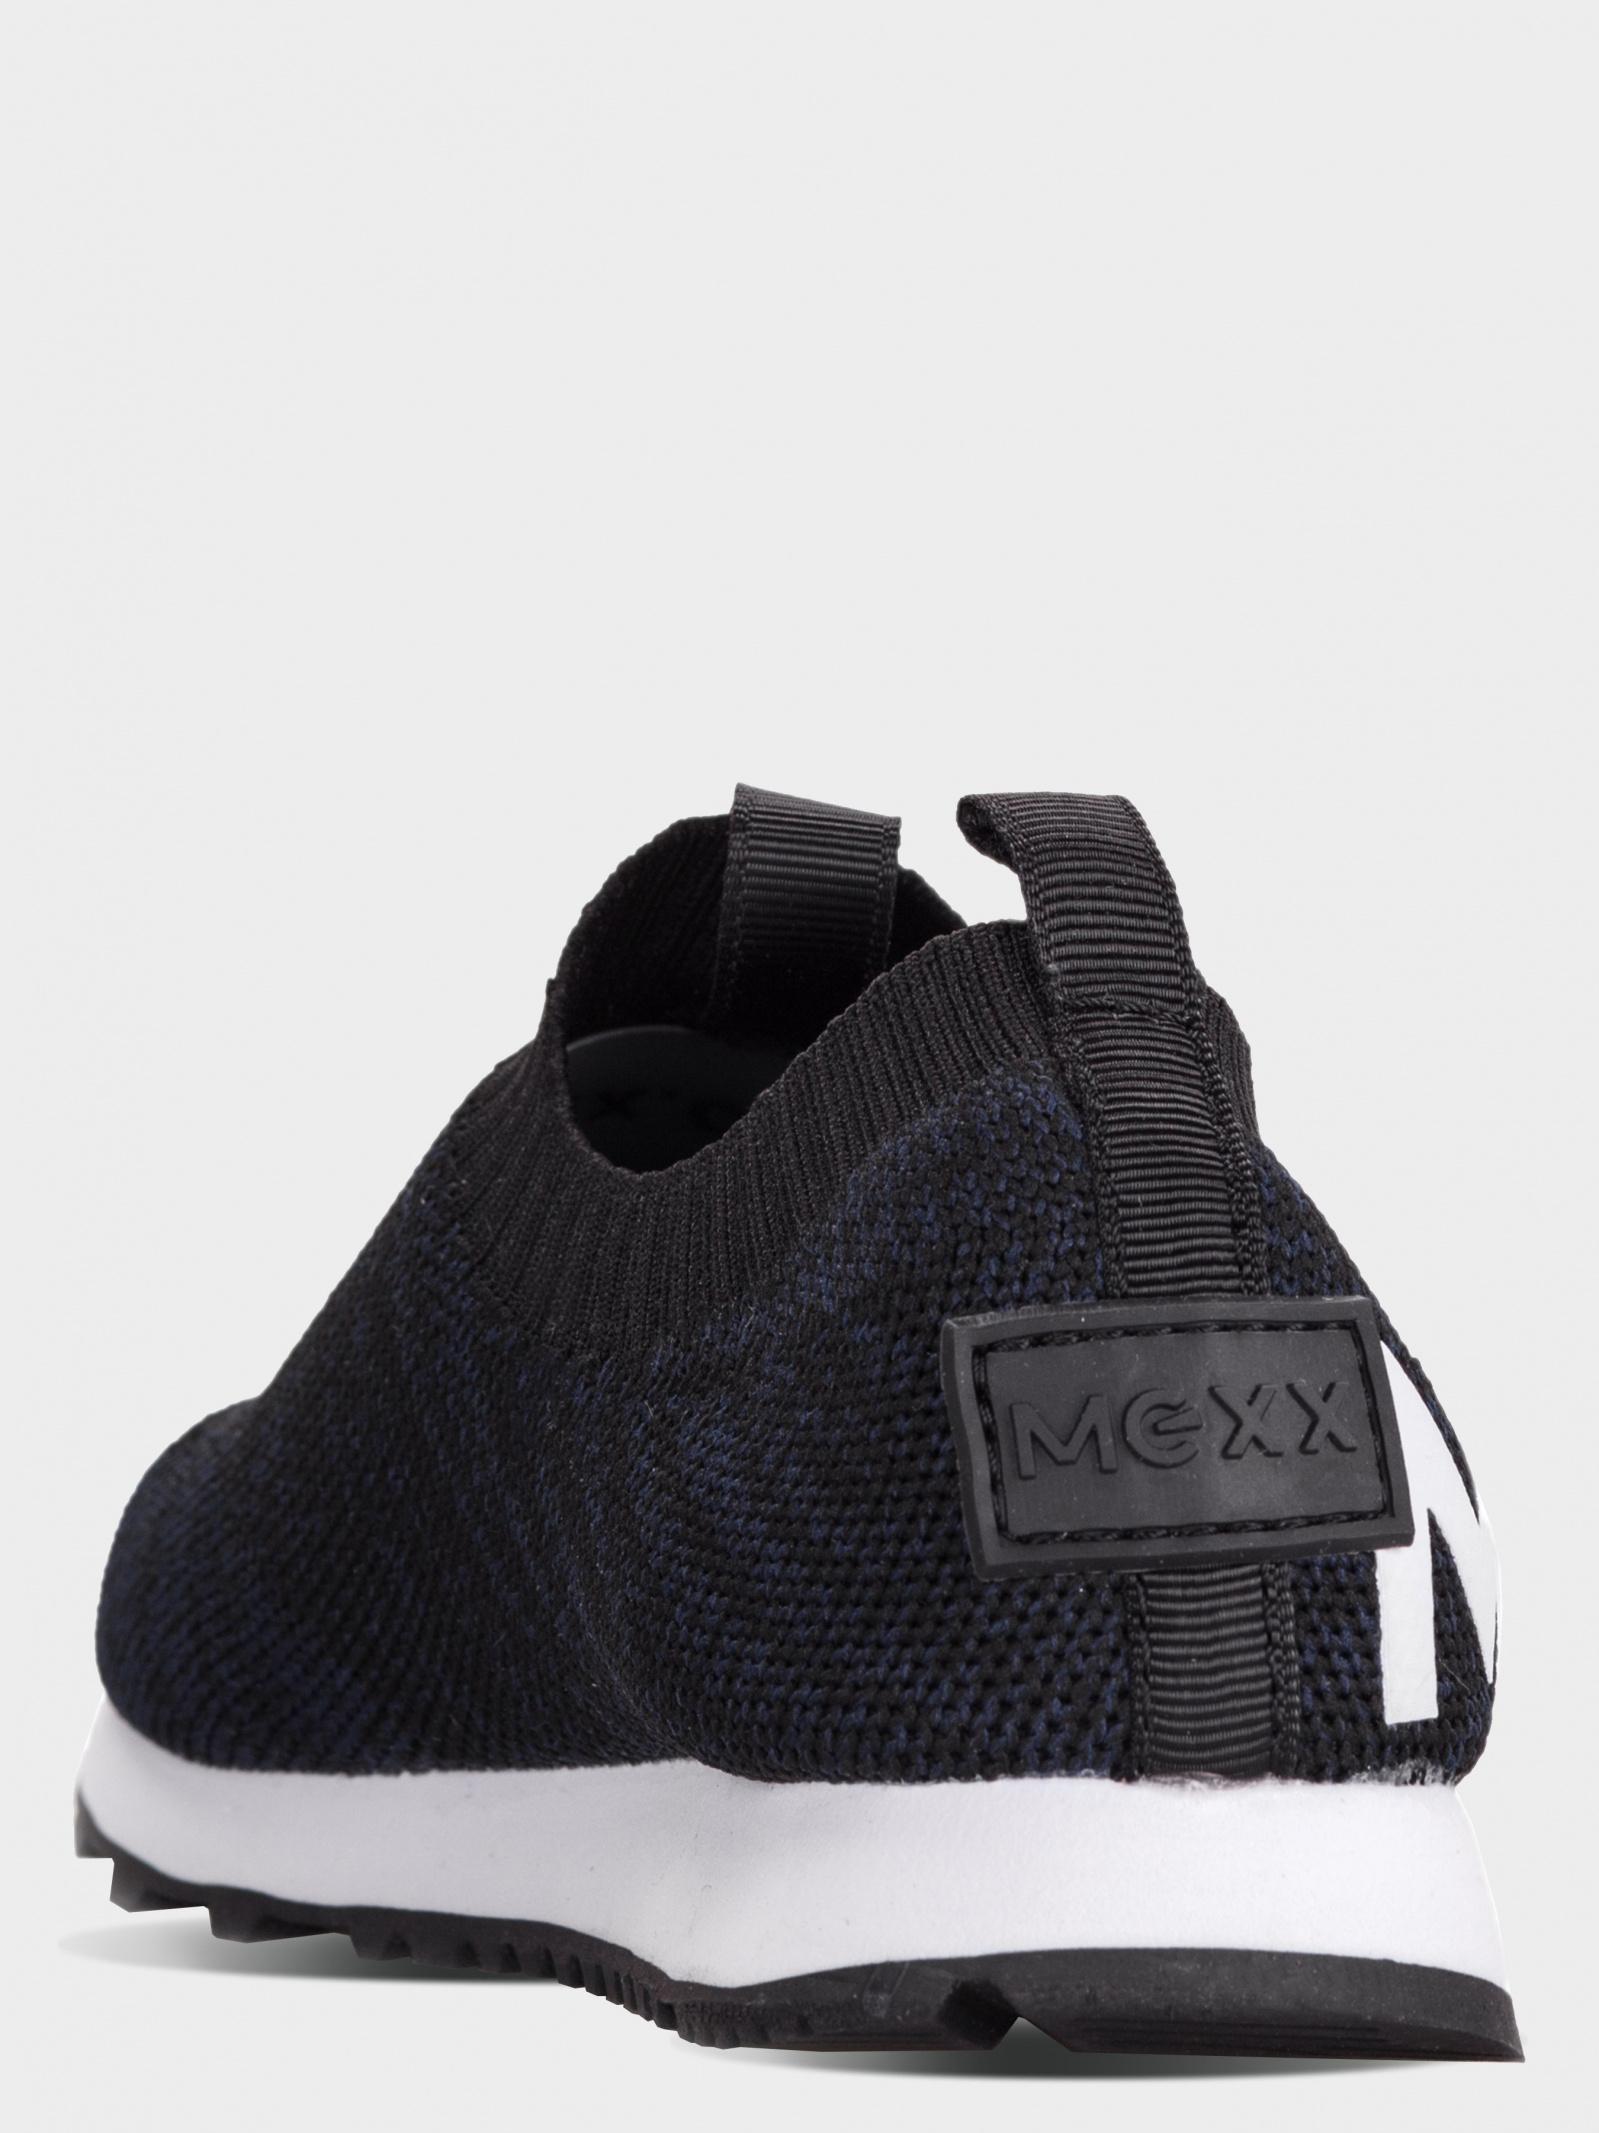 Кроссовки для детей MEXX Chuck 7N1 продажа, 2017